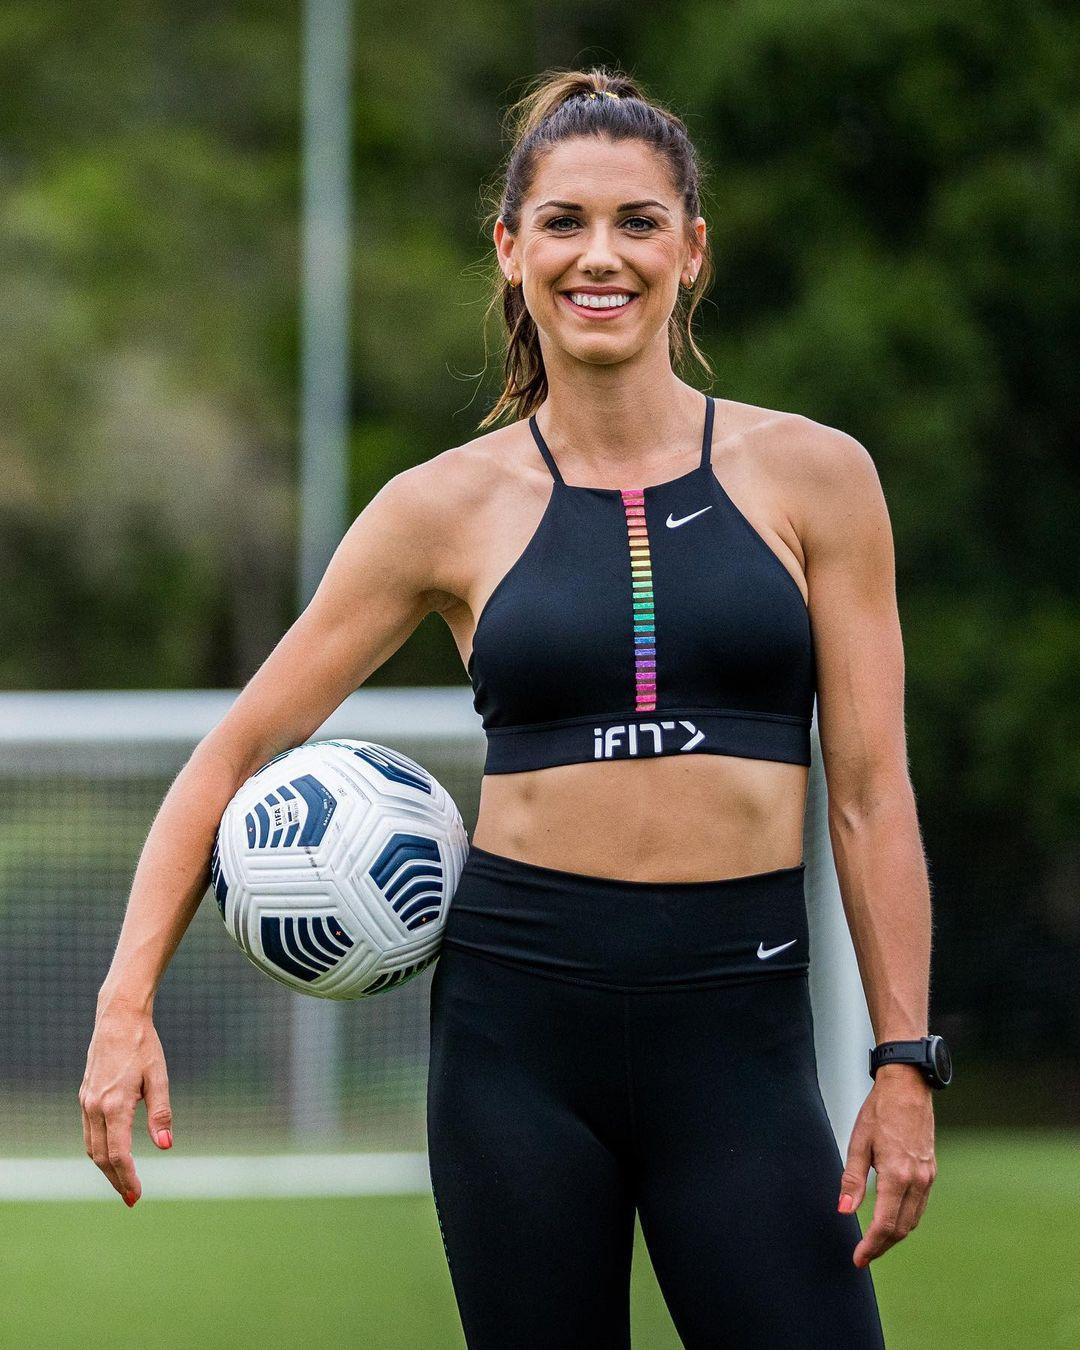 Nữ VĐV bóng đá Olympic được mời làm người mẫu